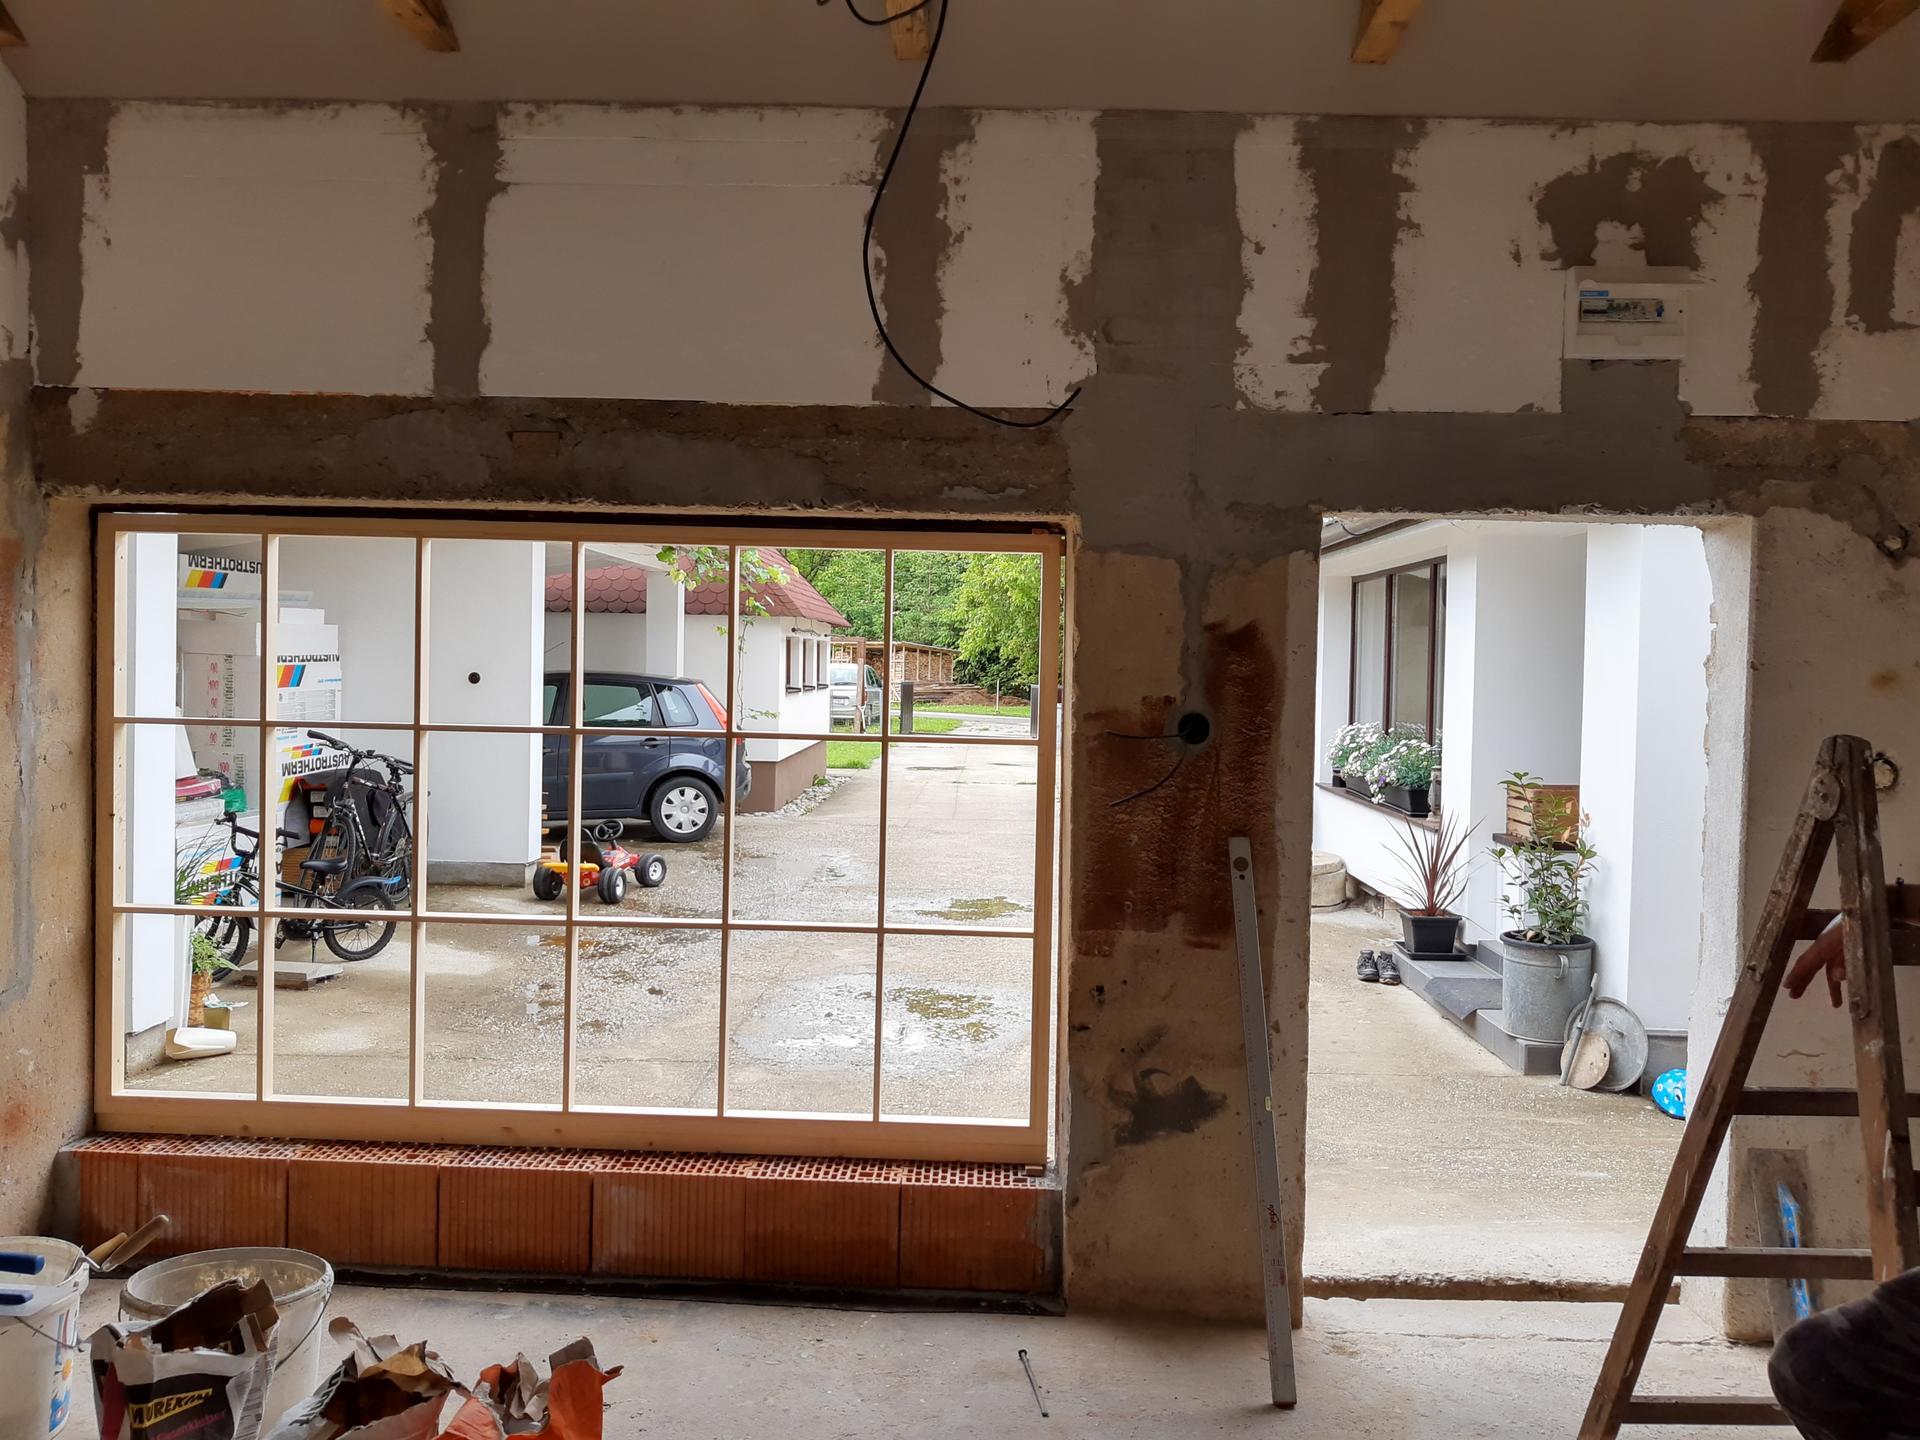 Čoskoro splnený sen...ateliér - Pohľad z vnútra...okno aj dvere budú čierne.